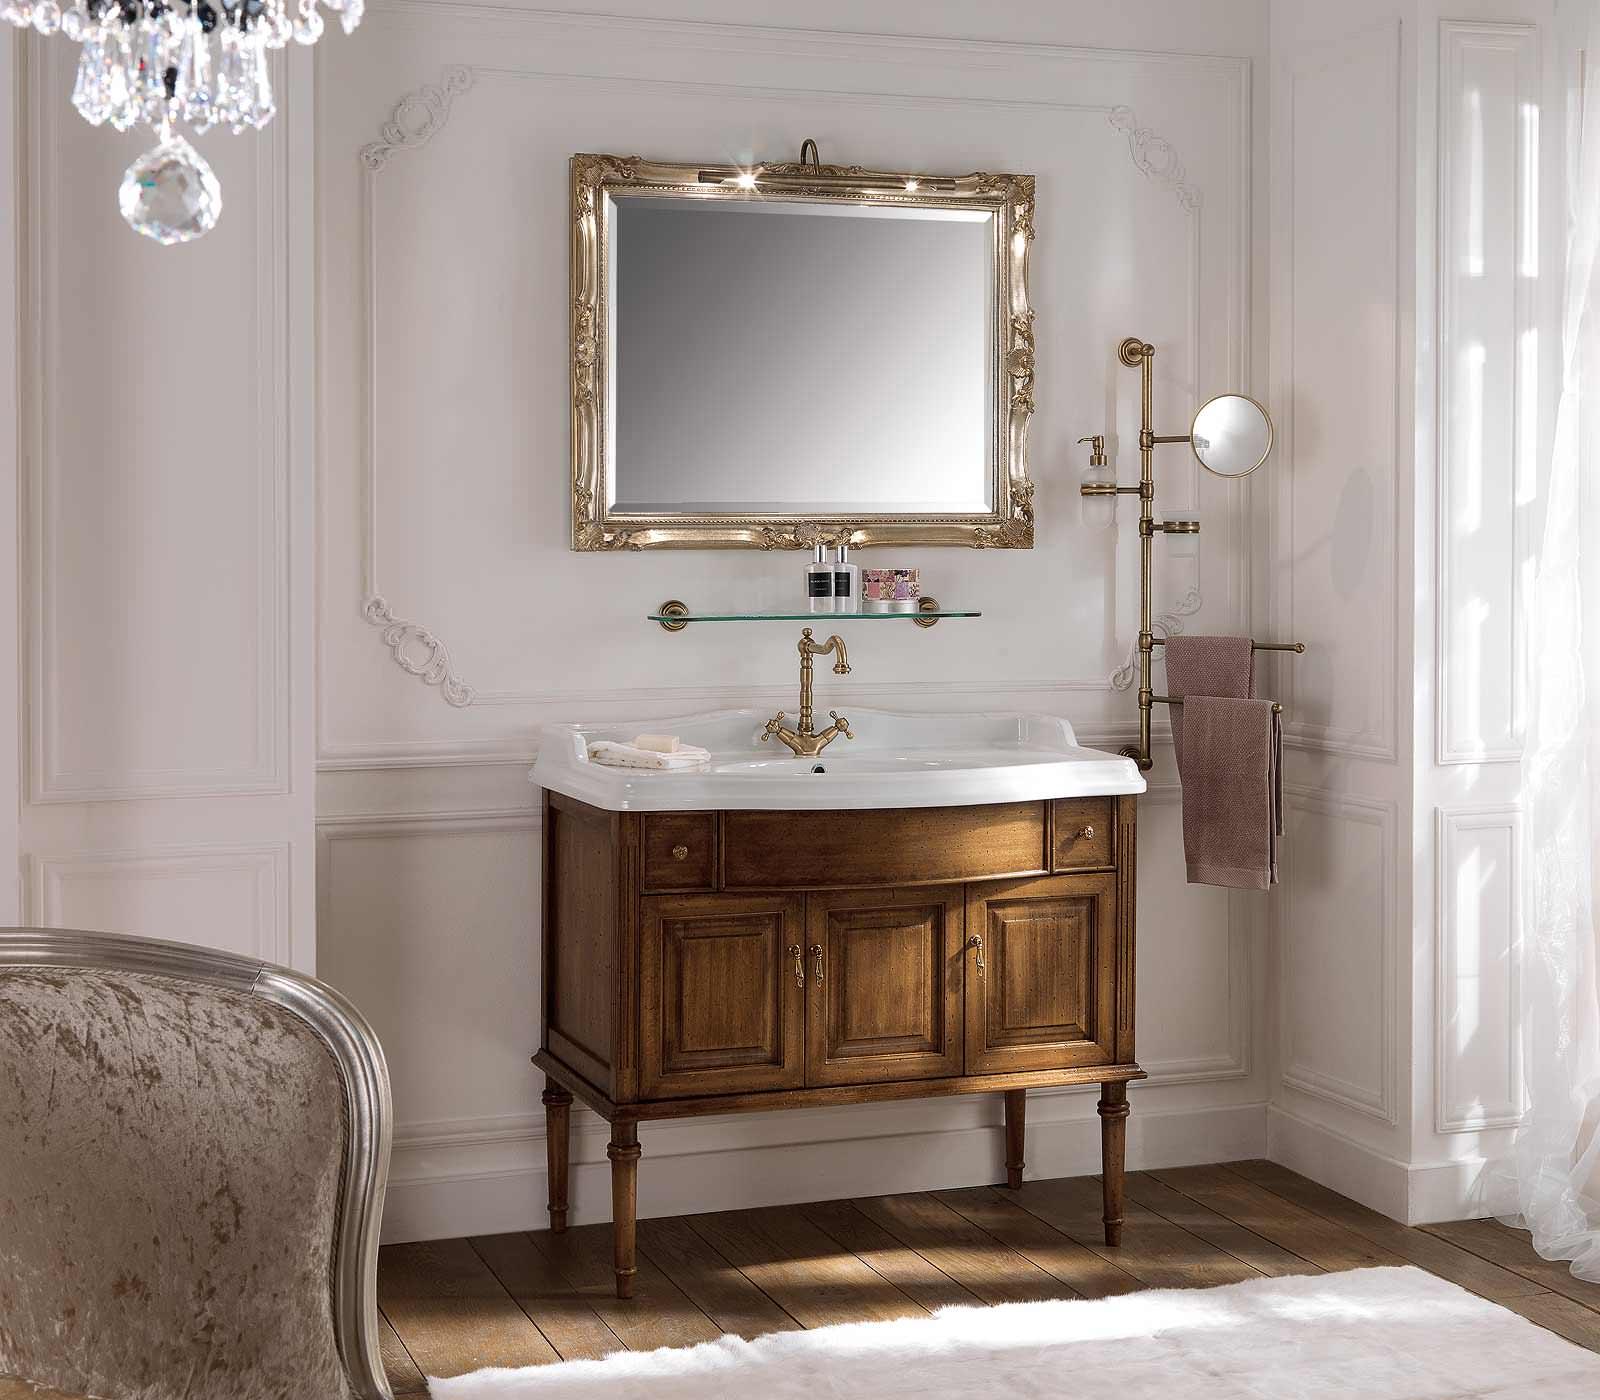 Комплект мебели Labor Legno MILADY Composizione MIL 103, орех/бронза, 105 см